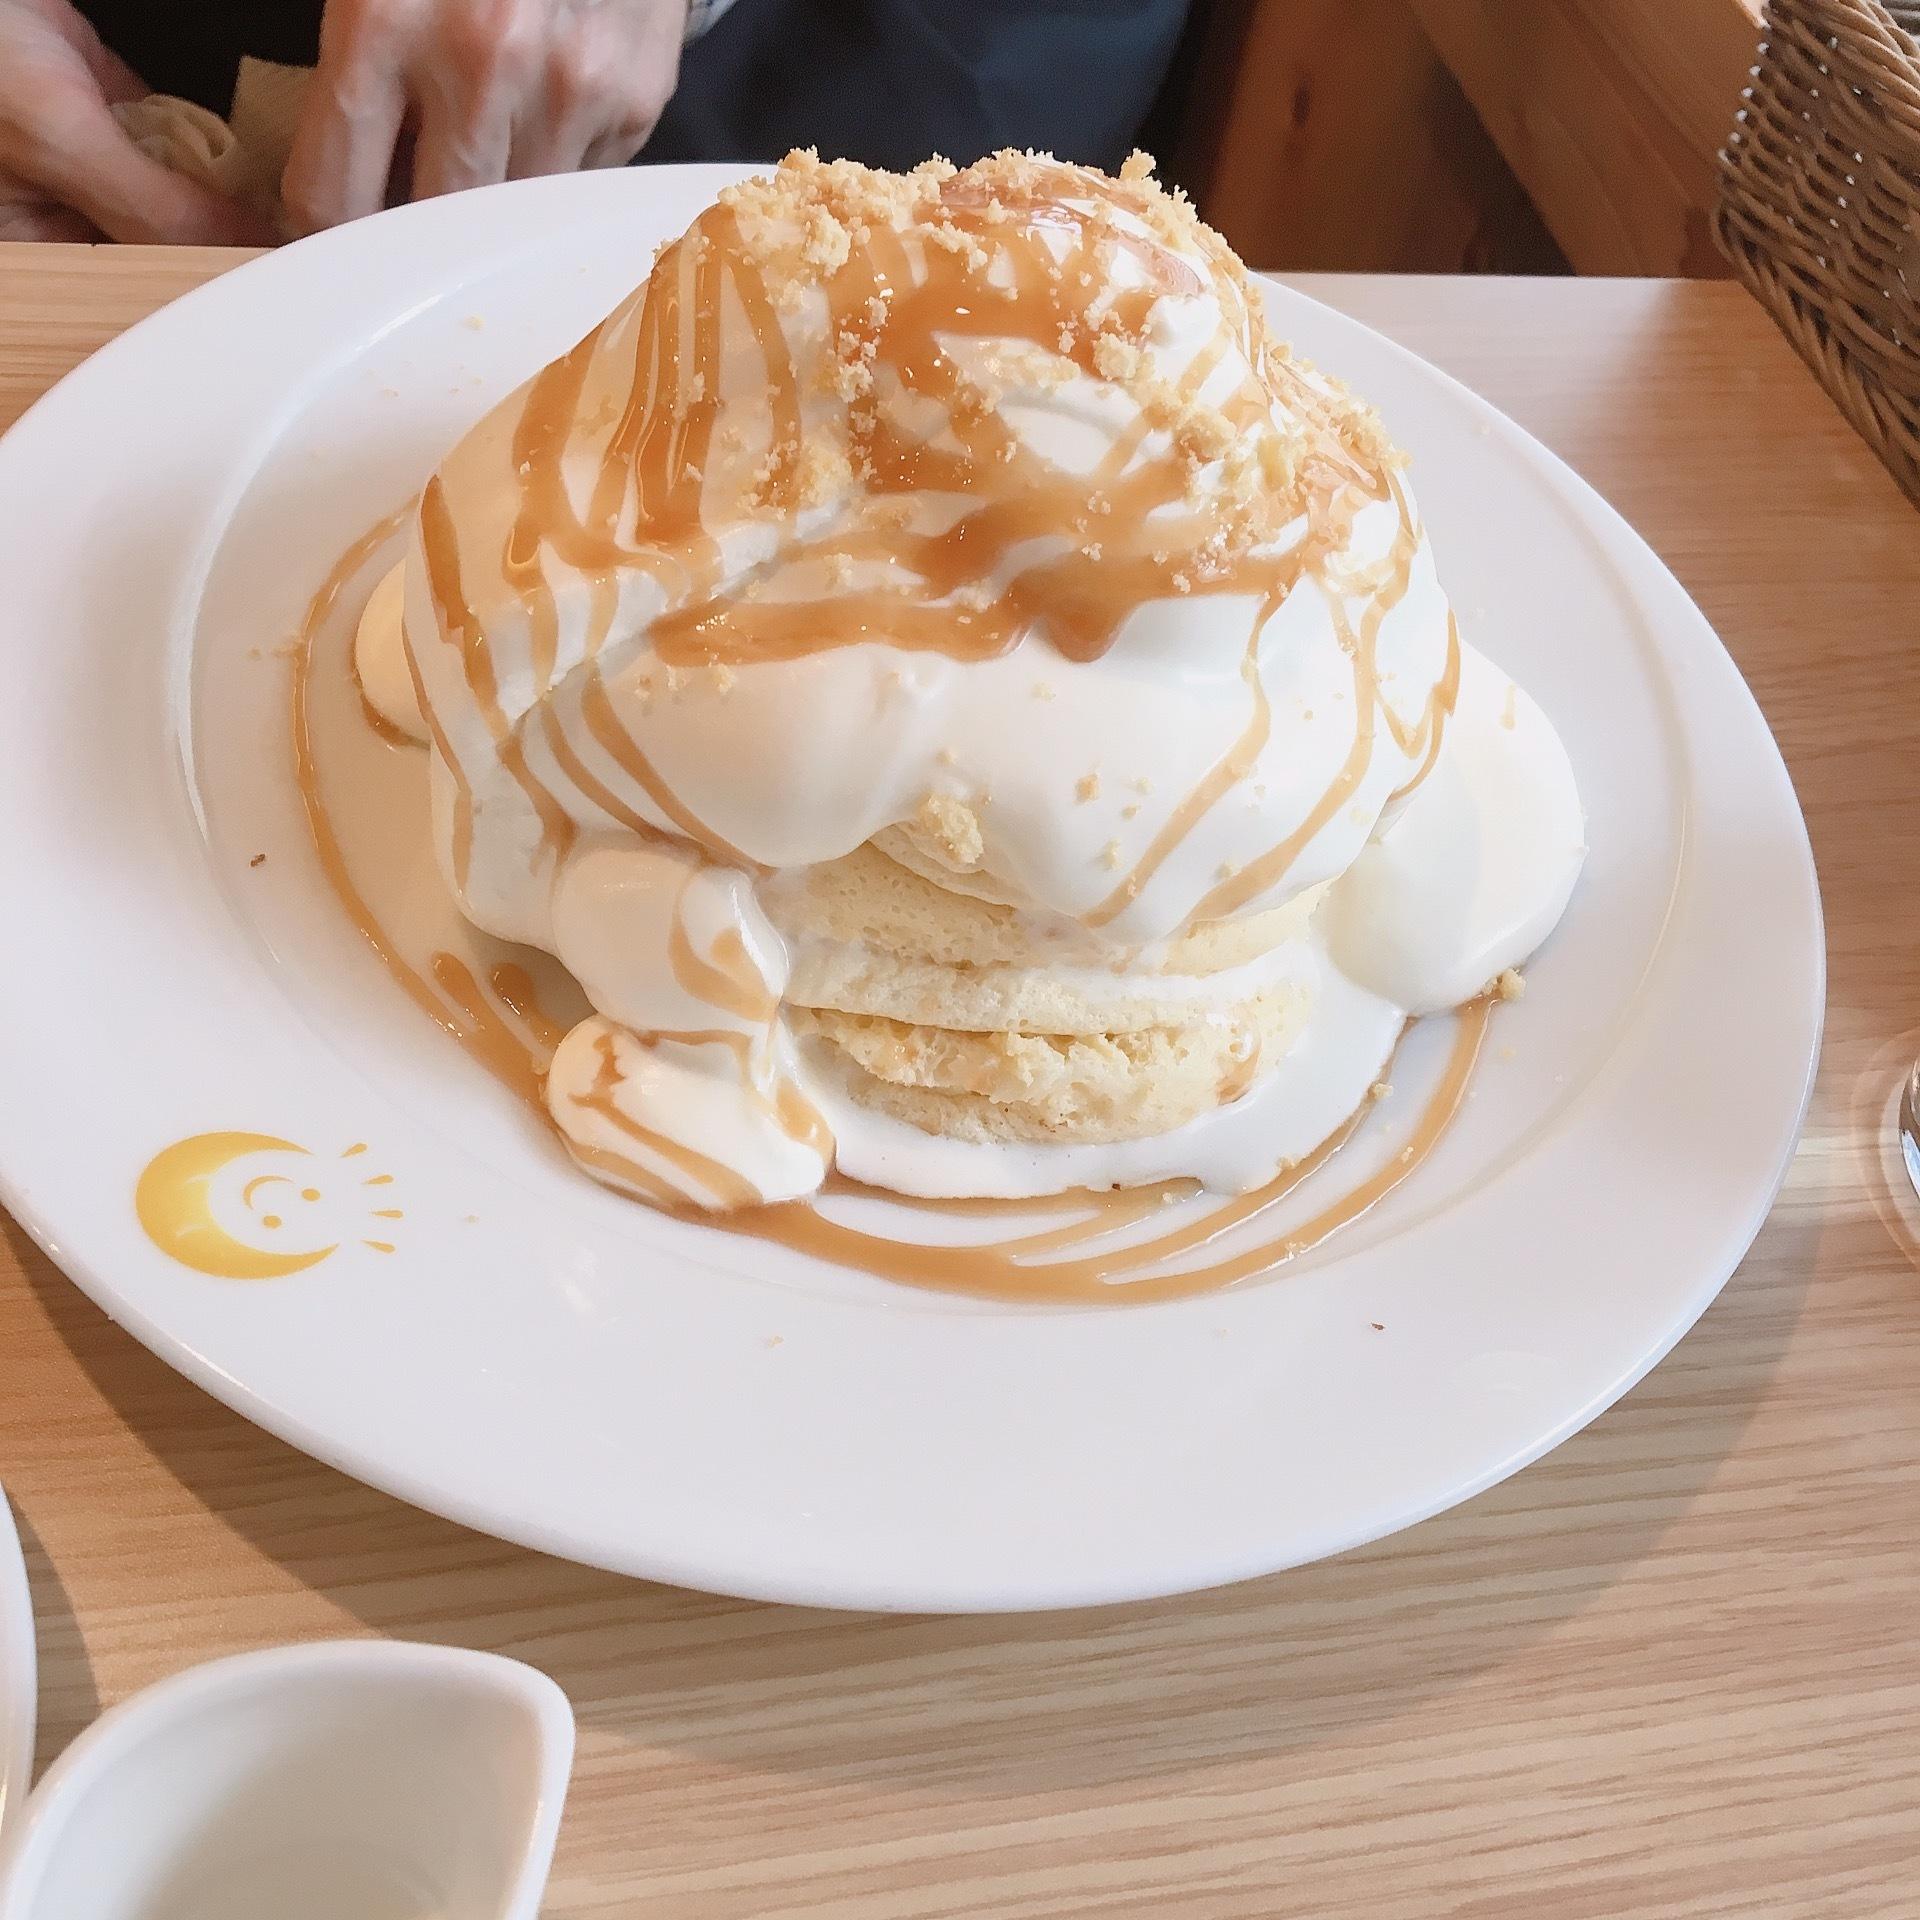 SNSで【美味しすぎる】と話題☆ 究極のパンケーキ「茶香」が凄い_1_6